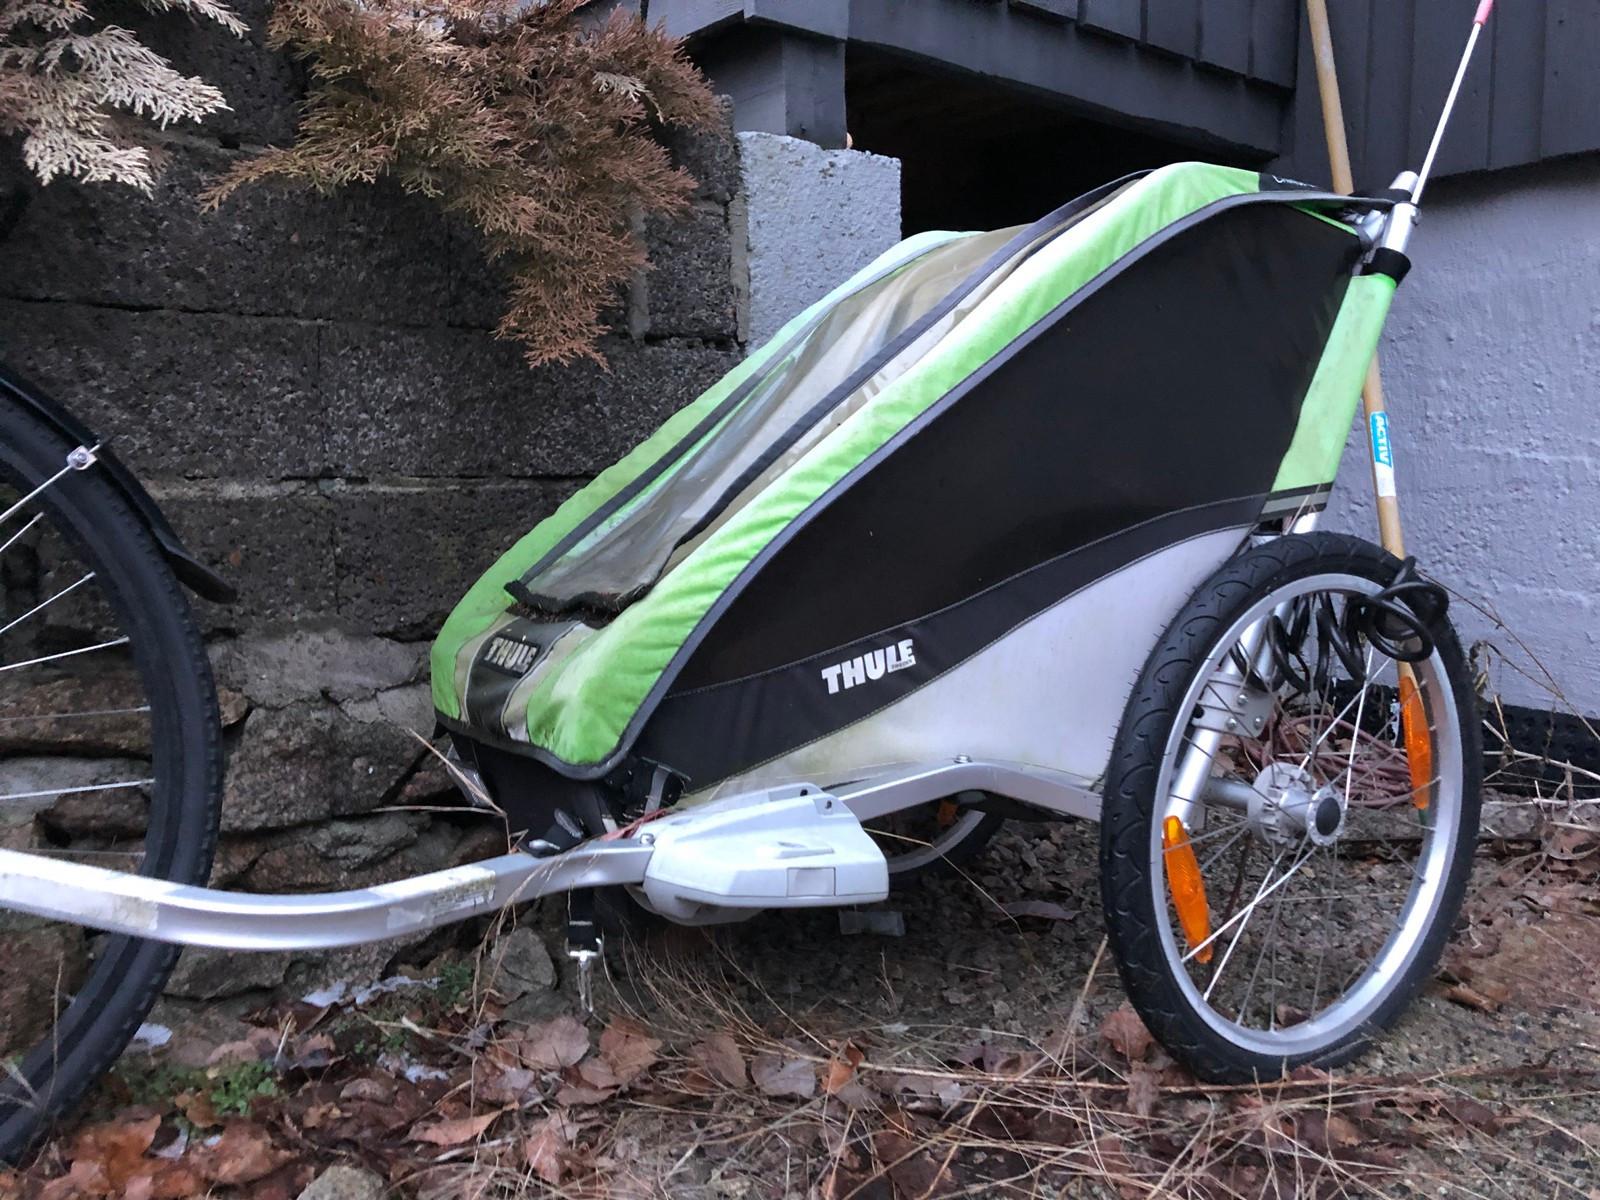 Thule Sykkelvogn selges - Kråkerøy  - Thule sykkelvogn selges til kanonpris. Har stått ute en vinter, så fargen i stoffet er noe falmet. - Kråkerøy